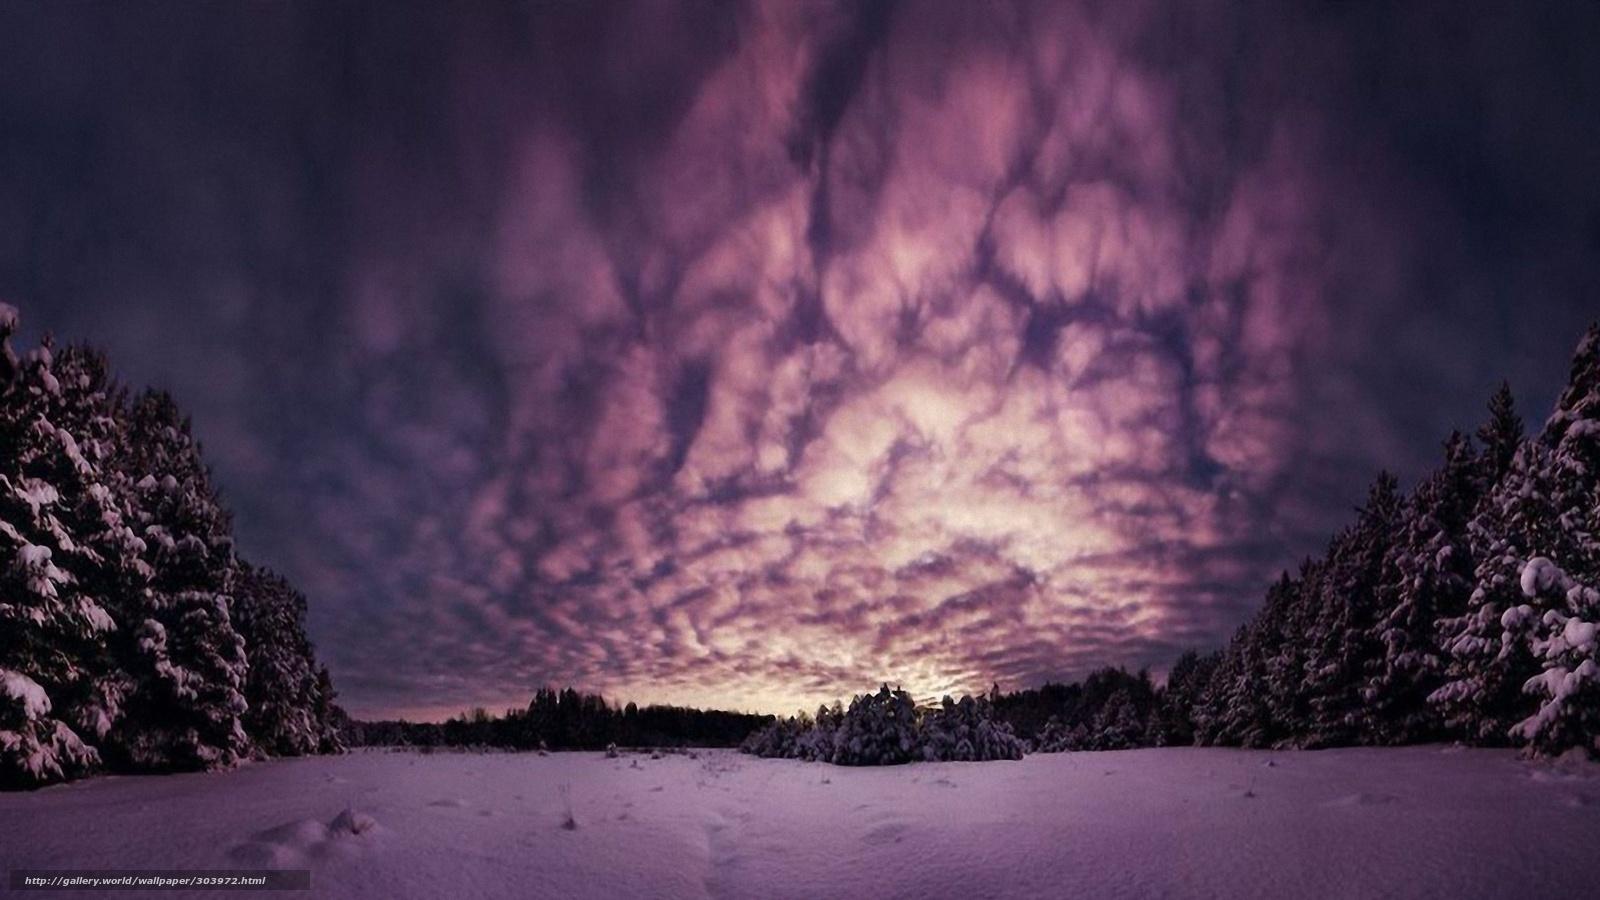 Scaricare gli sfondi lilla mattina nei boschi d 39 inverno for Desktop gratis inverno